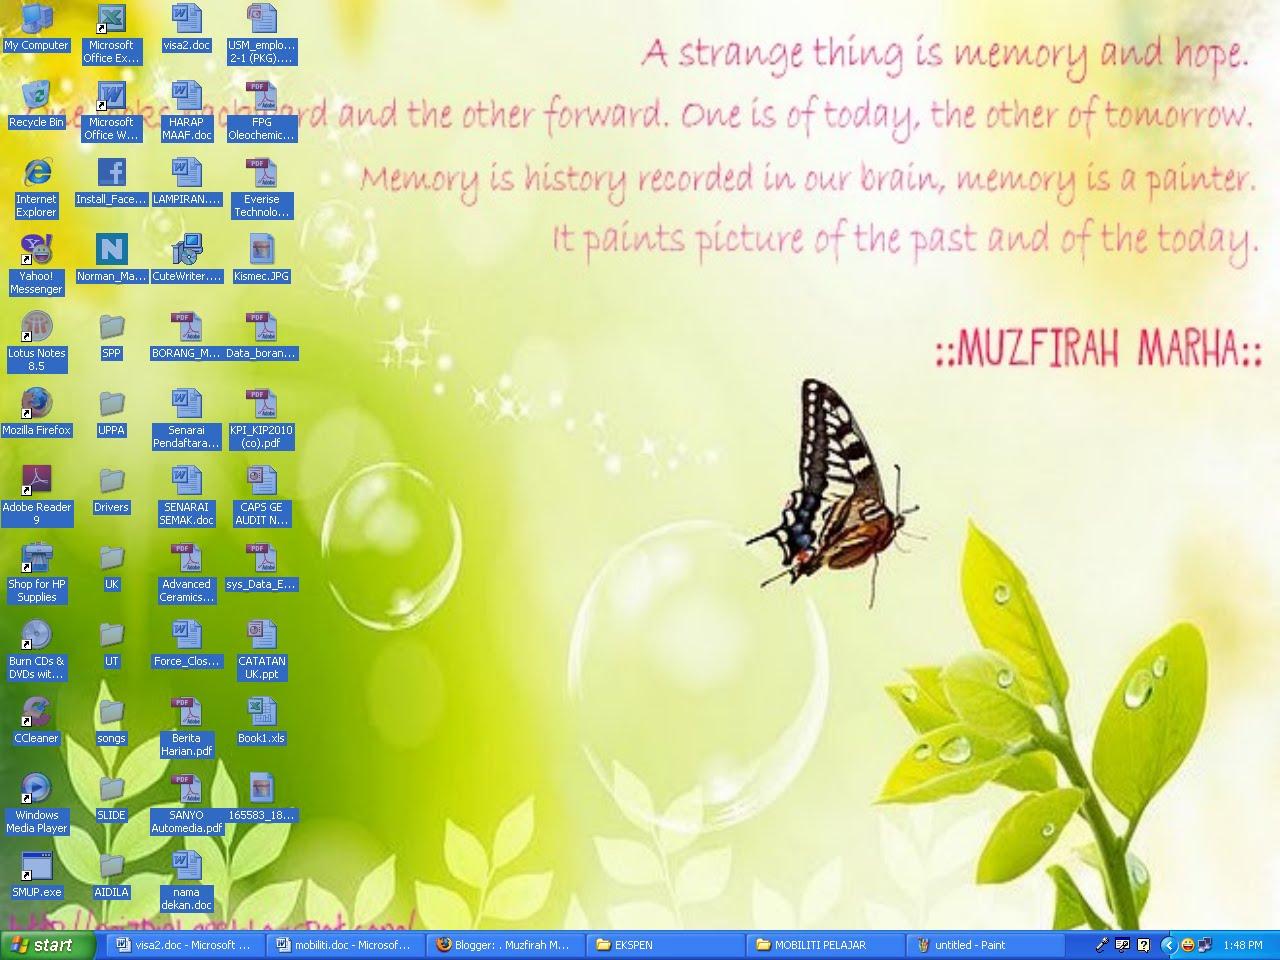 http://4.bp.blogspot.com/-fFHwkf3yils/TVjBLwQS7dI/AAAAAAAAA0Y/28Uil8Kxd7Y/s1600/untitled.bmp